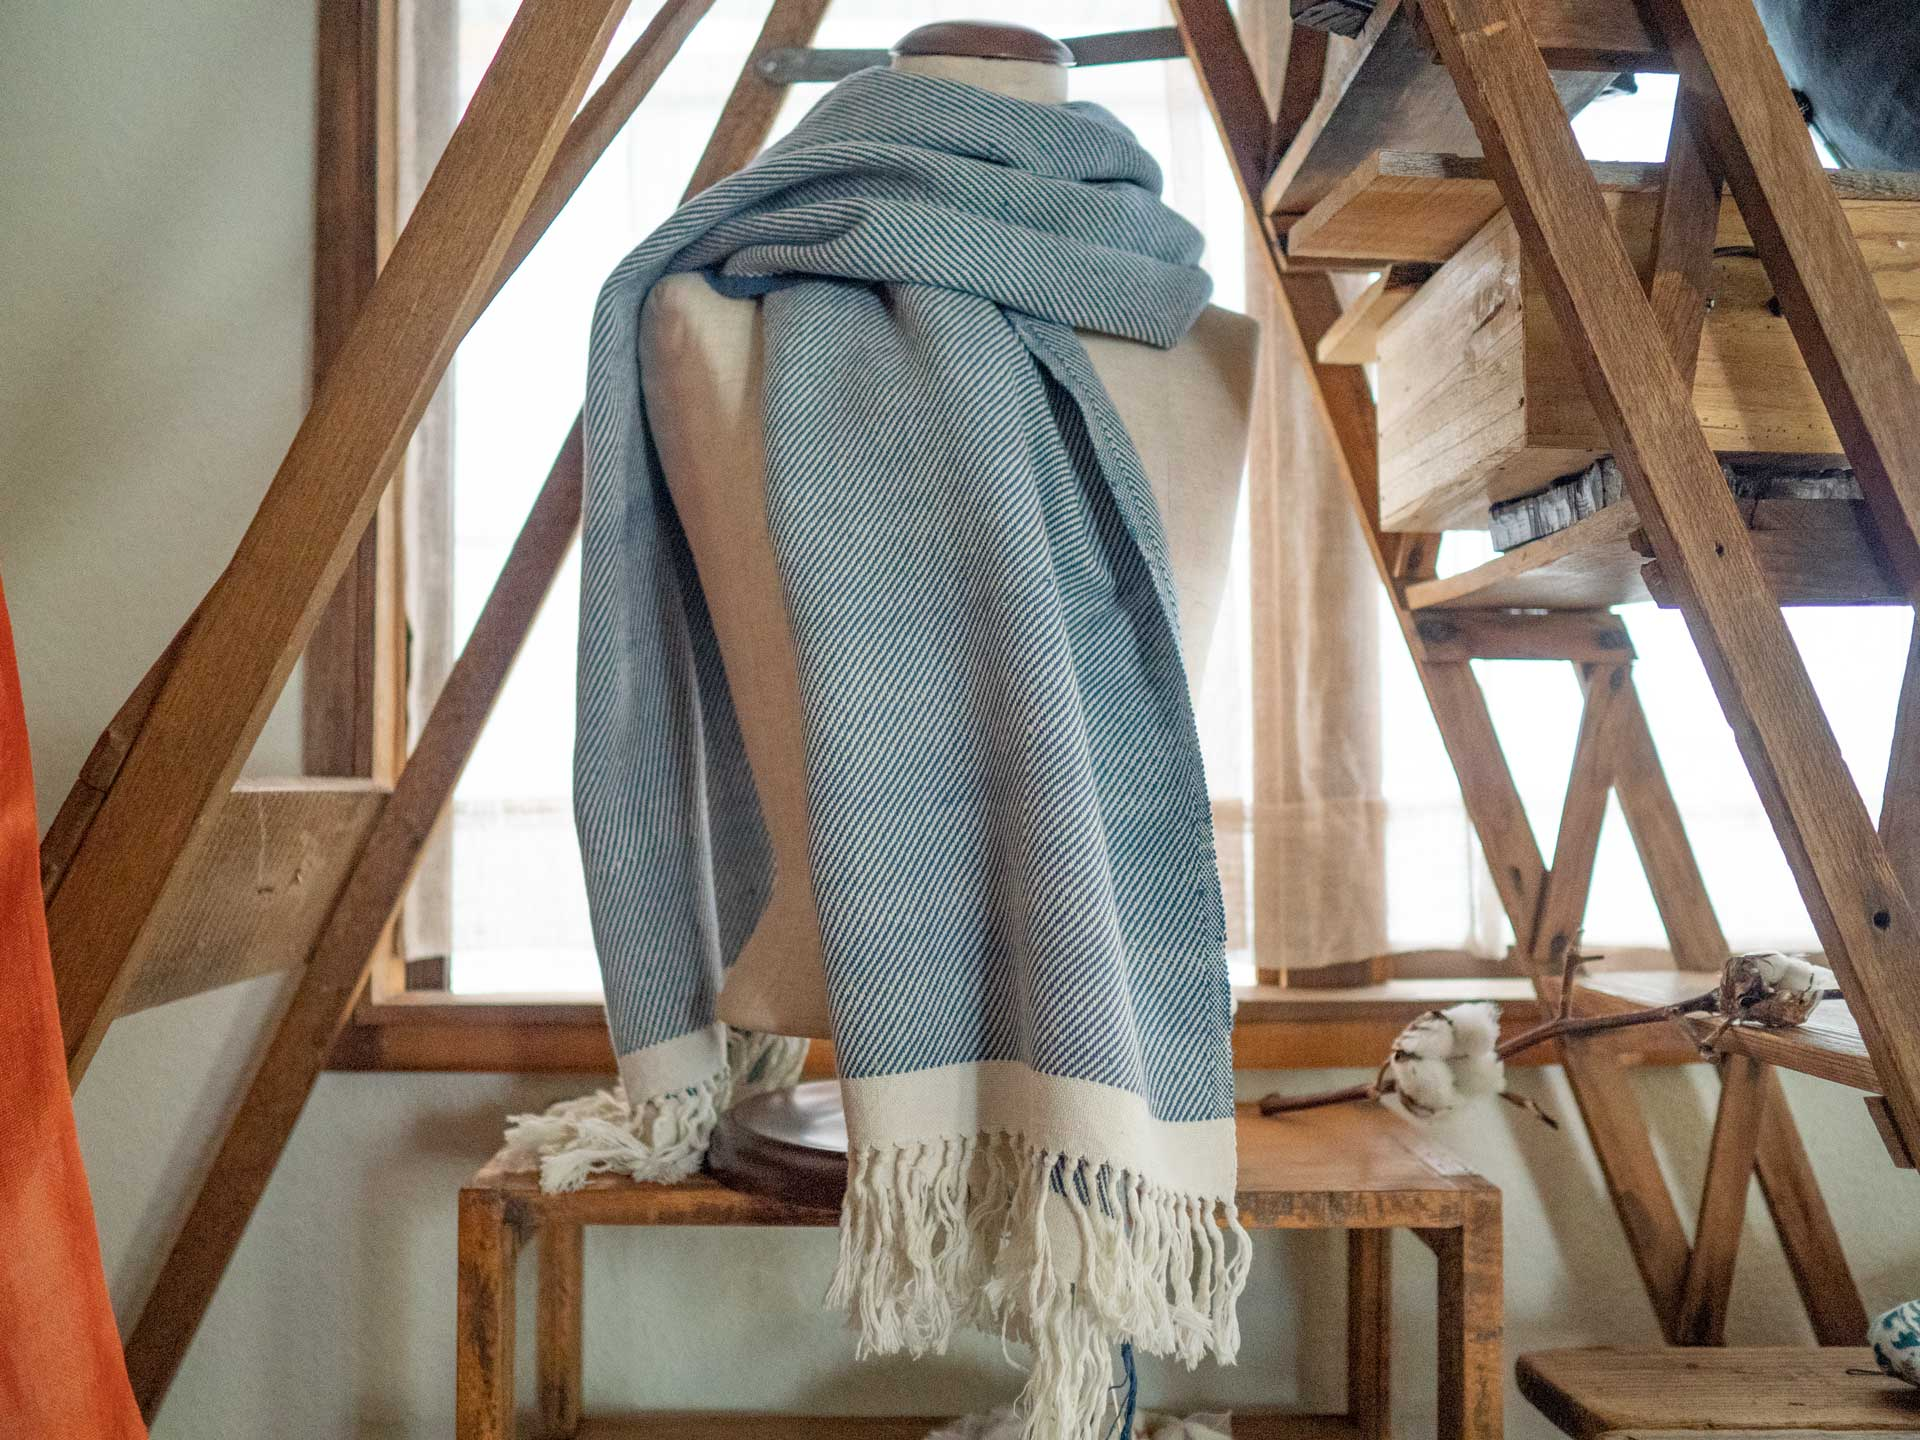 たいへん貴重な手紡ぎの糸を使用した、とてもやわらかい手織りのショール。